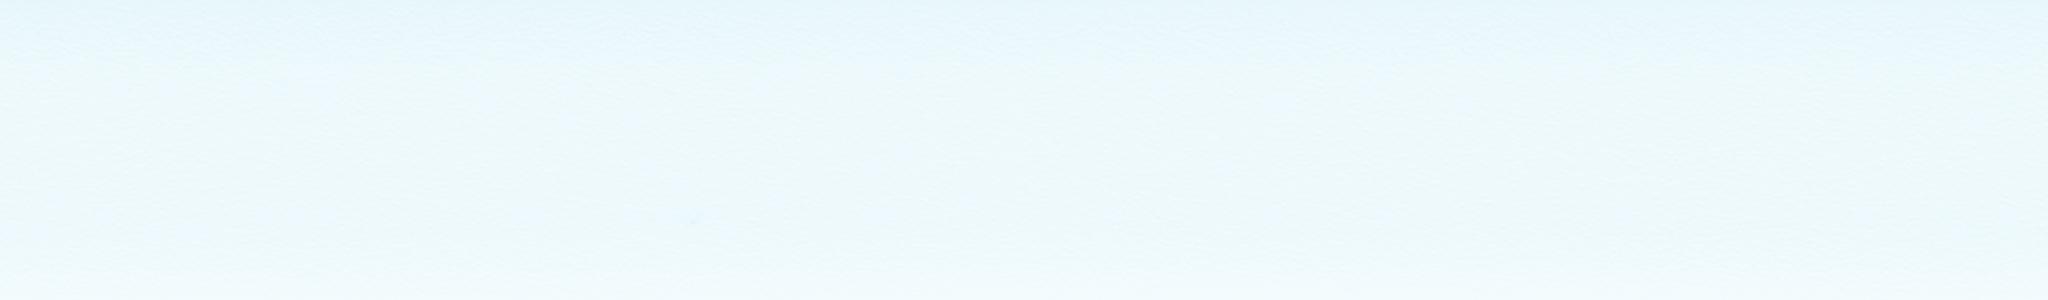 HU 157179 ABS Kante UNI Hellblau perl 101